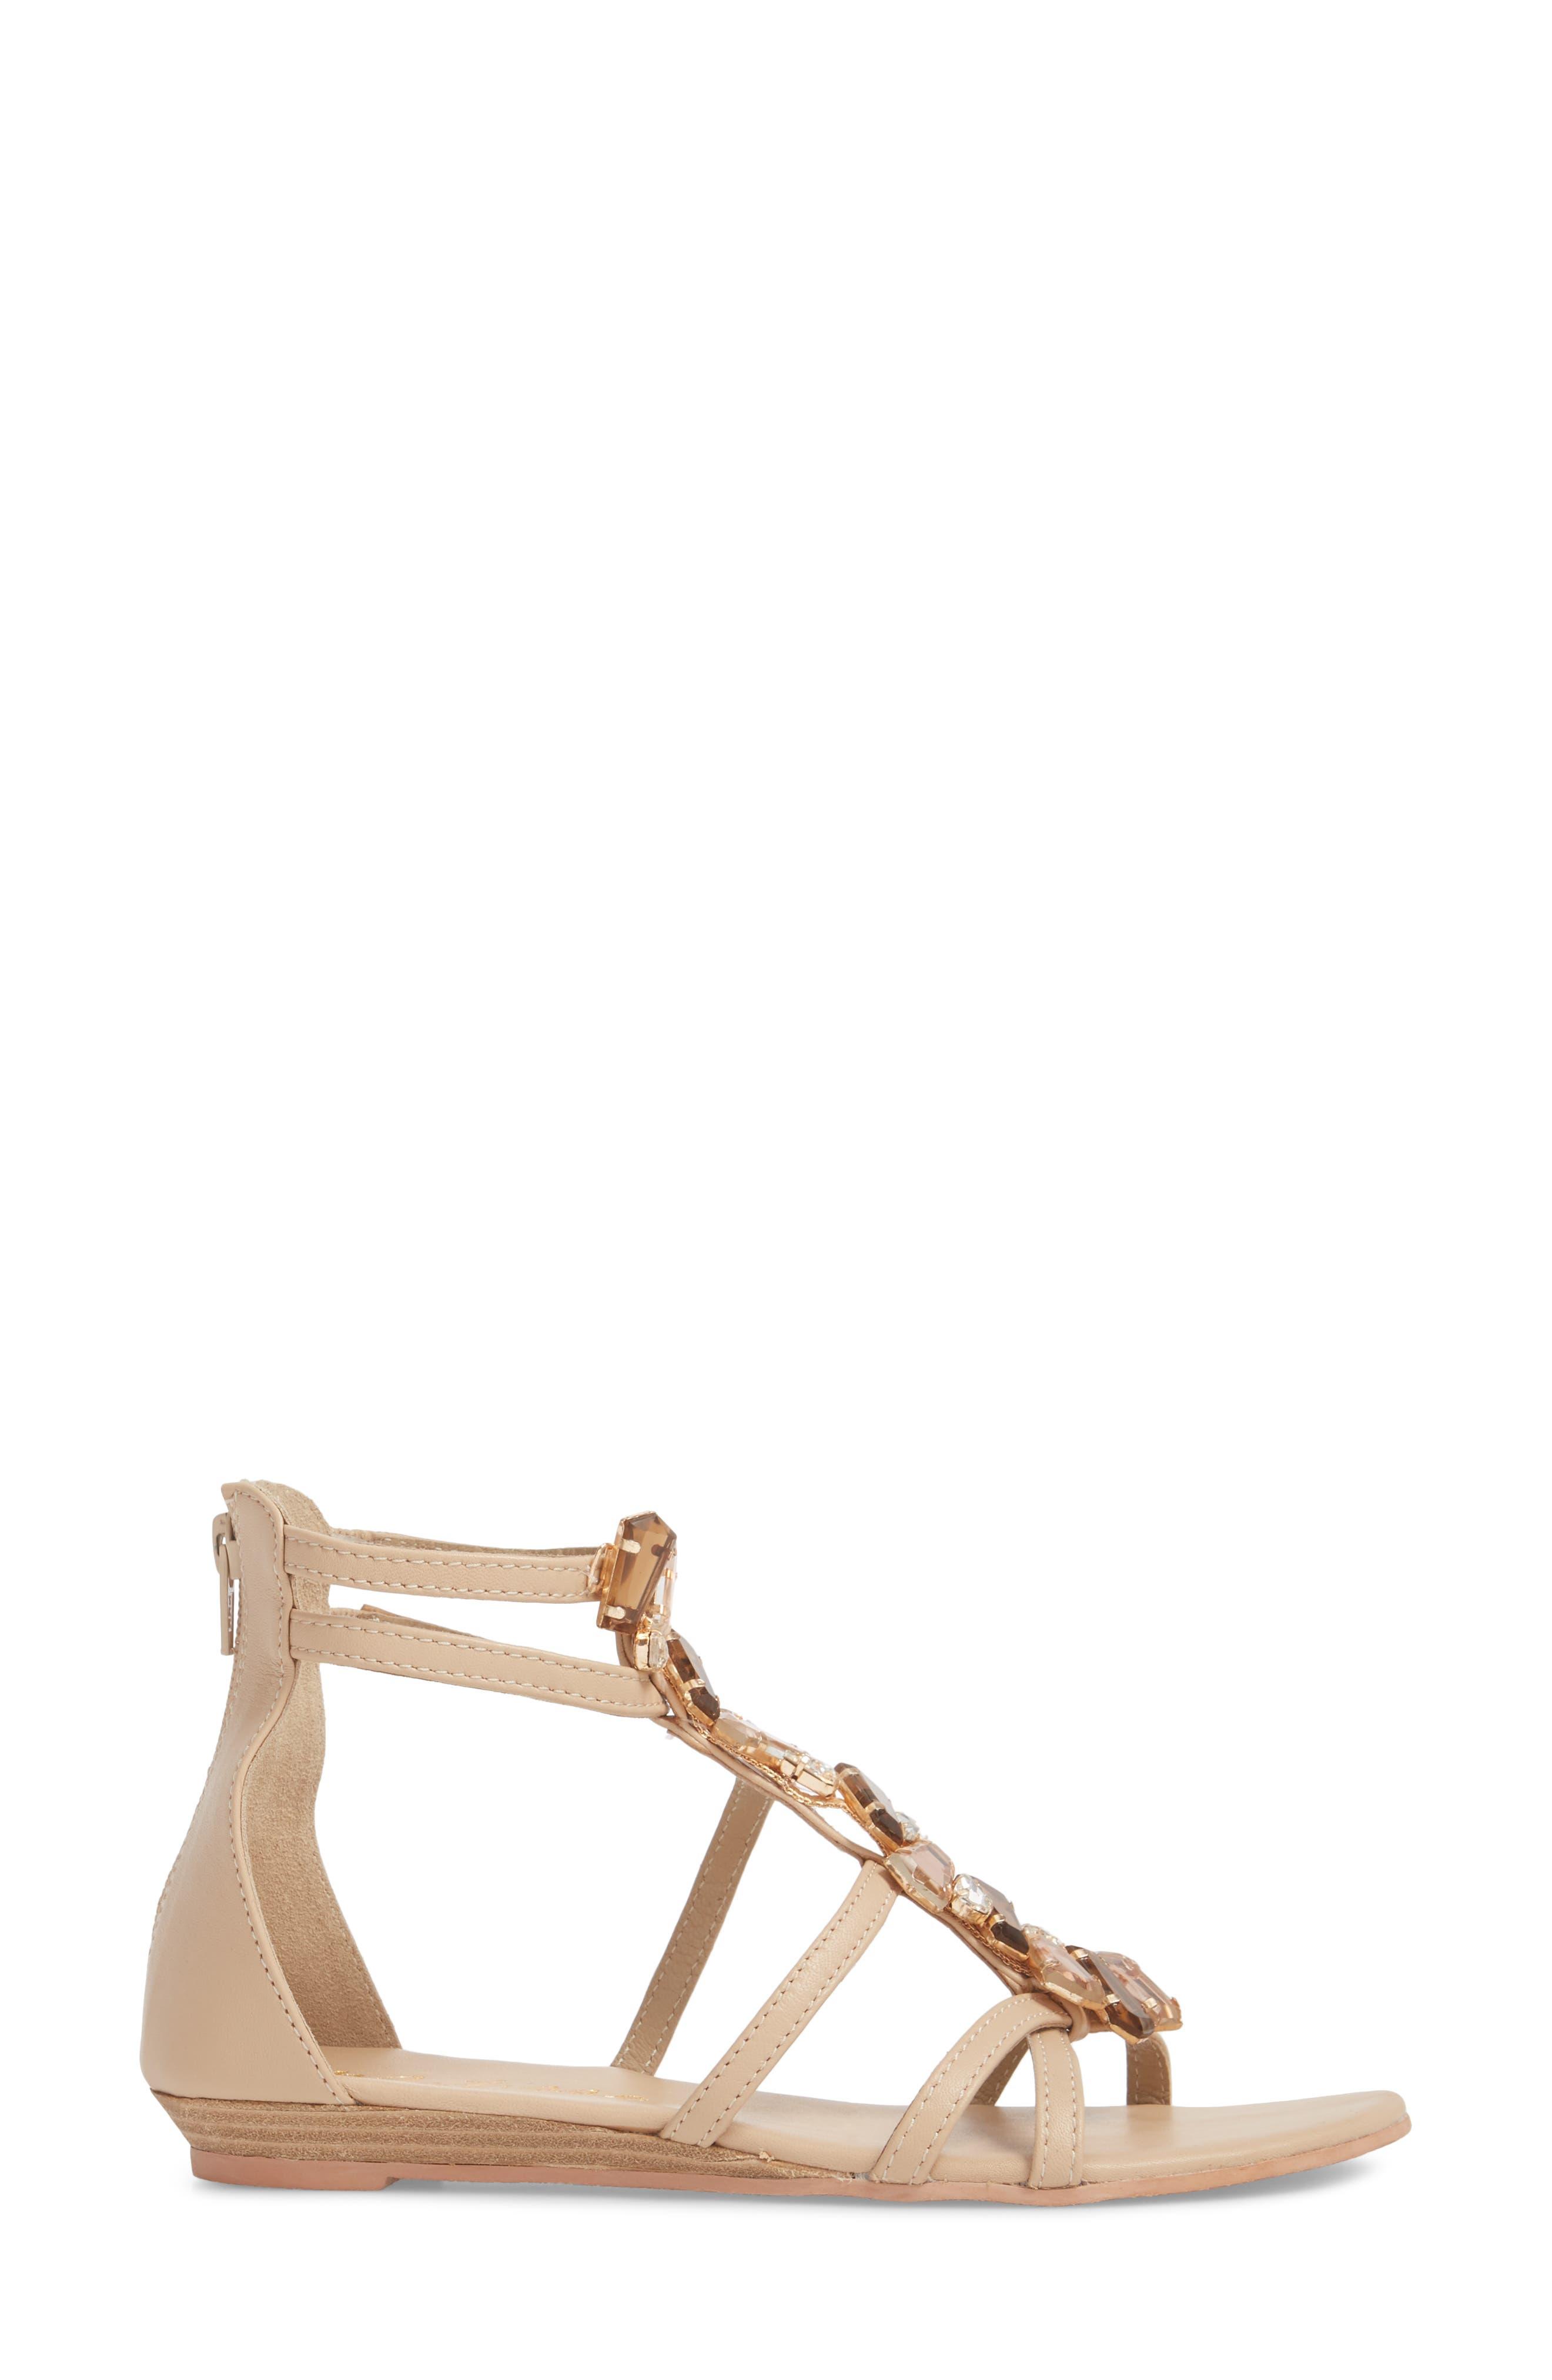 Didi Crystal Embellished Sandal,                             Alternate thumbnail 3, color,                             NATURAL LEATHER